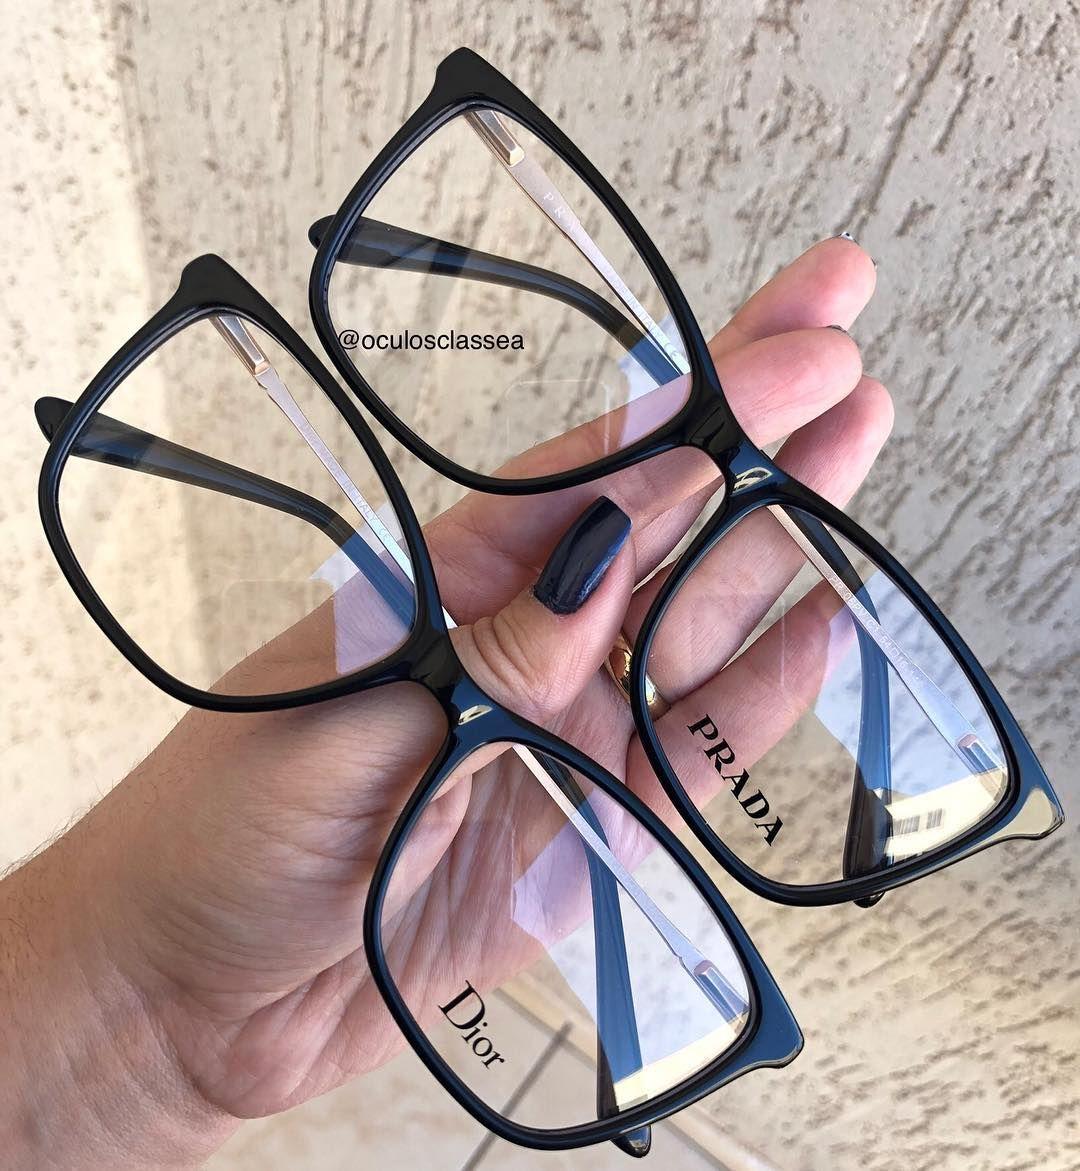 Pin De The Foe Em Gozluk Com Imagens Oculos Estilosos Oculos